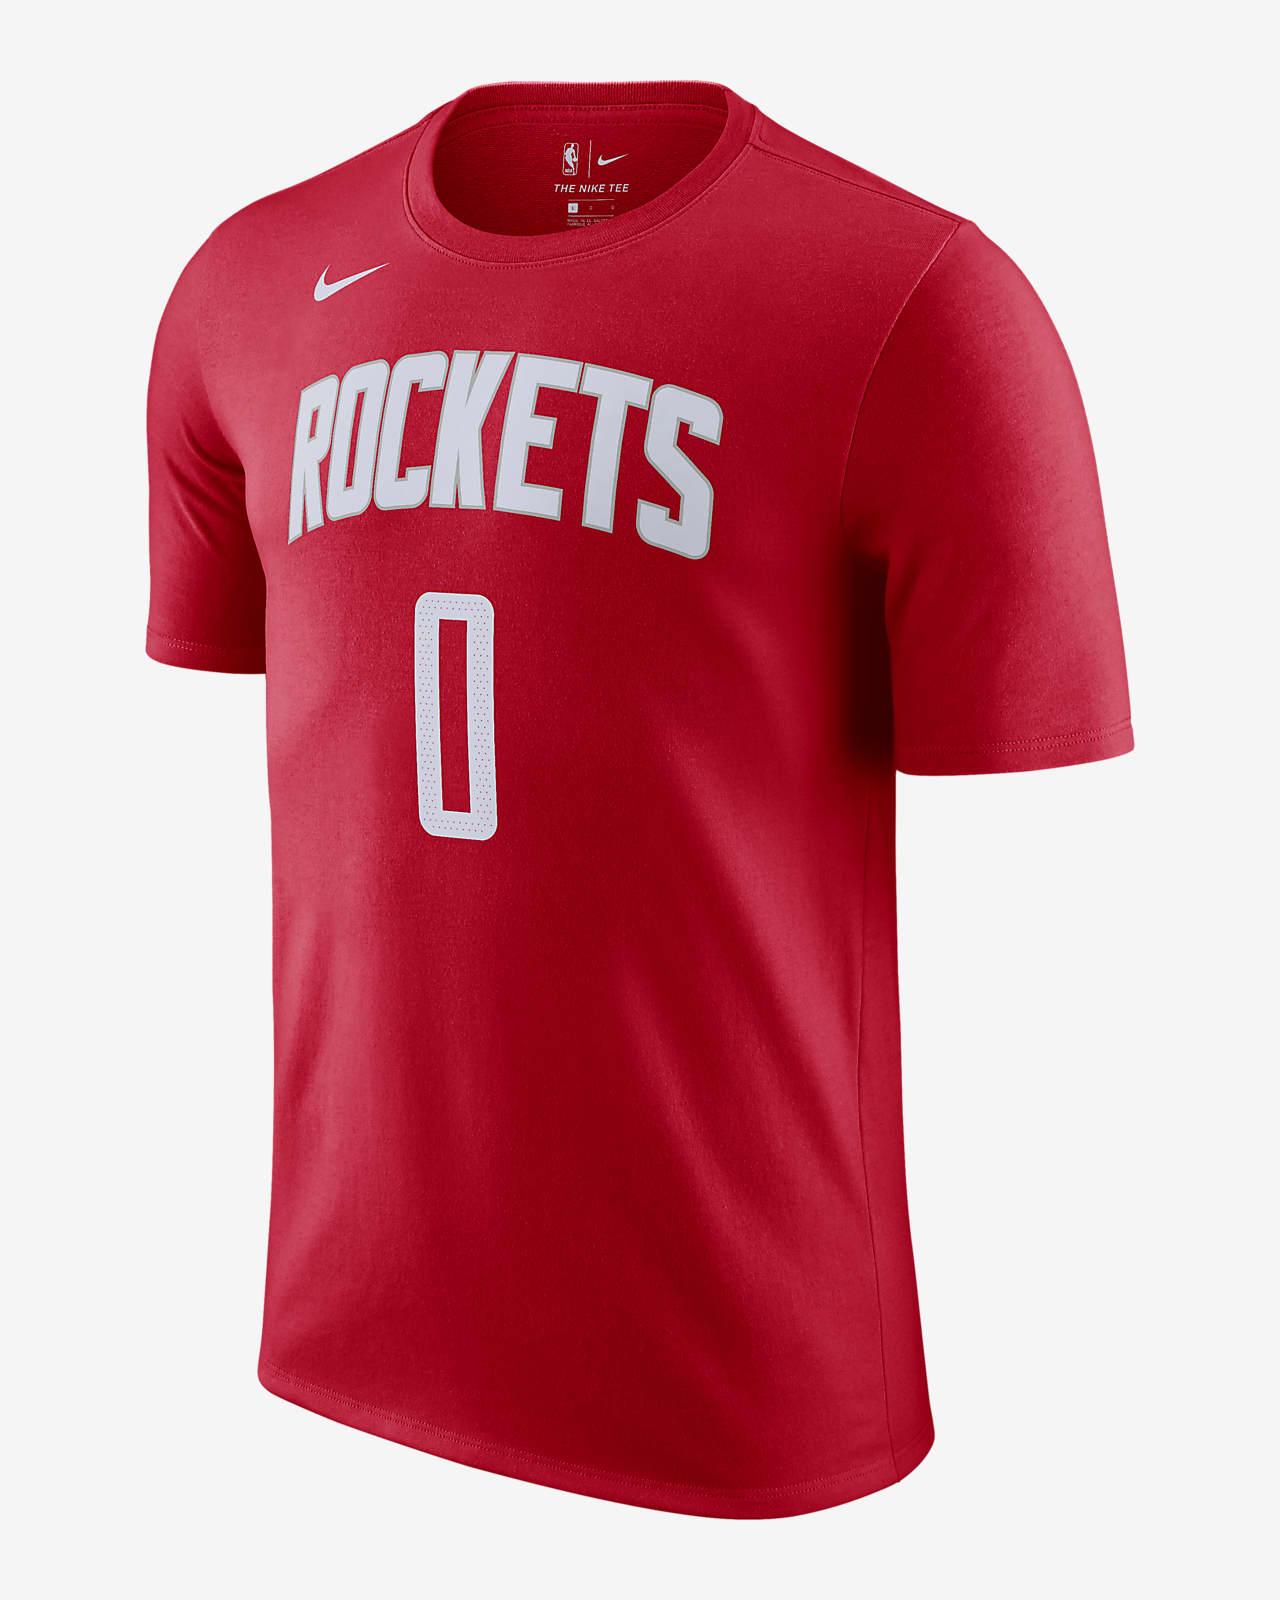 Rockets Men's Nike NBA T-Shirt